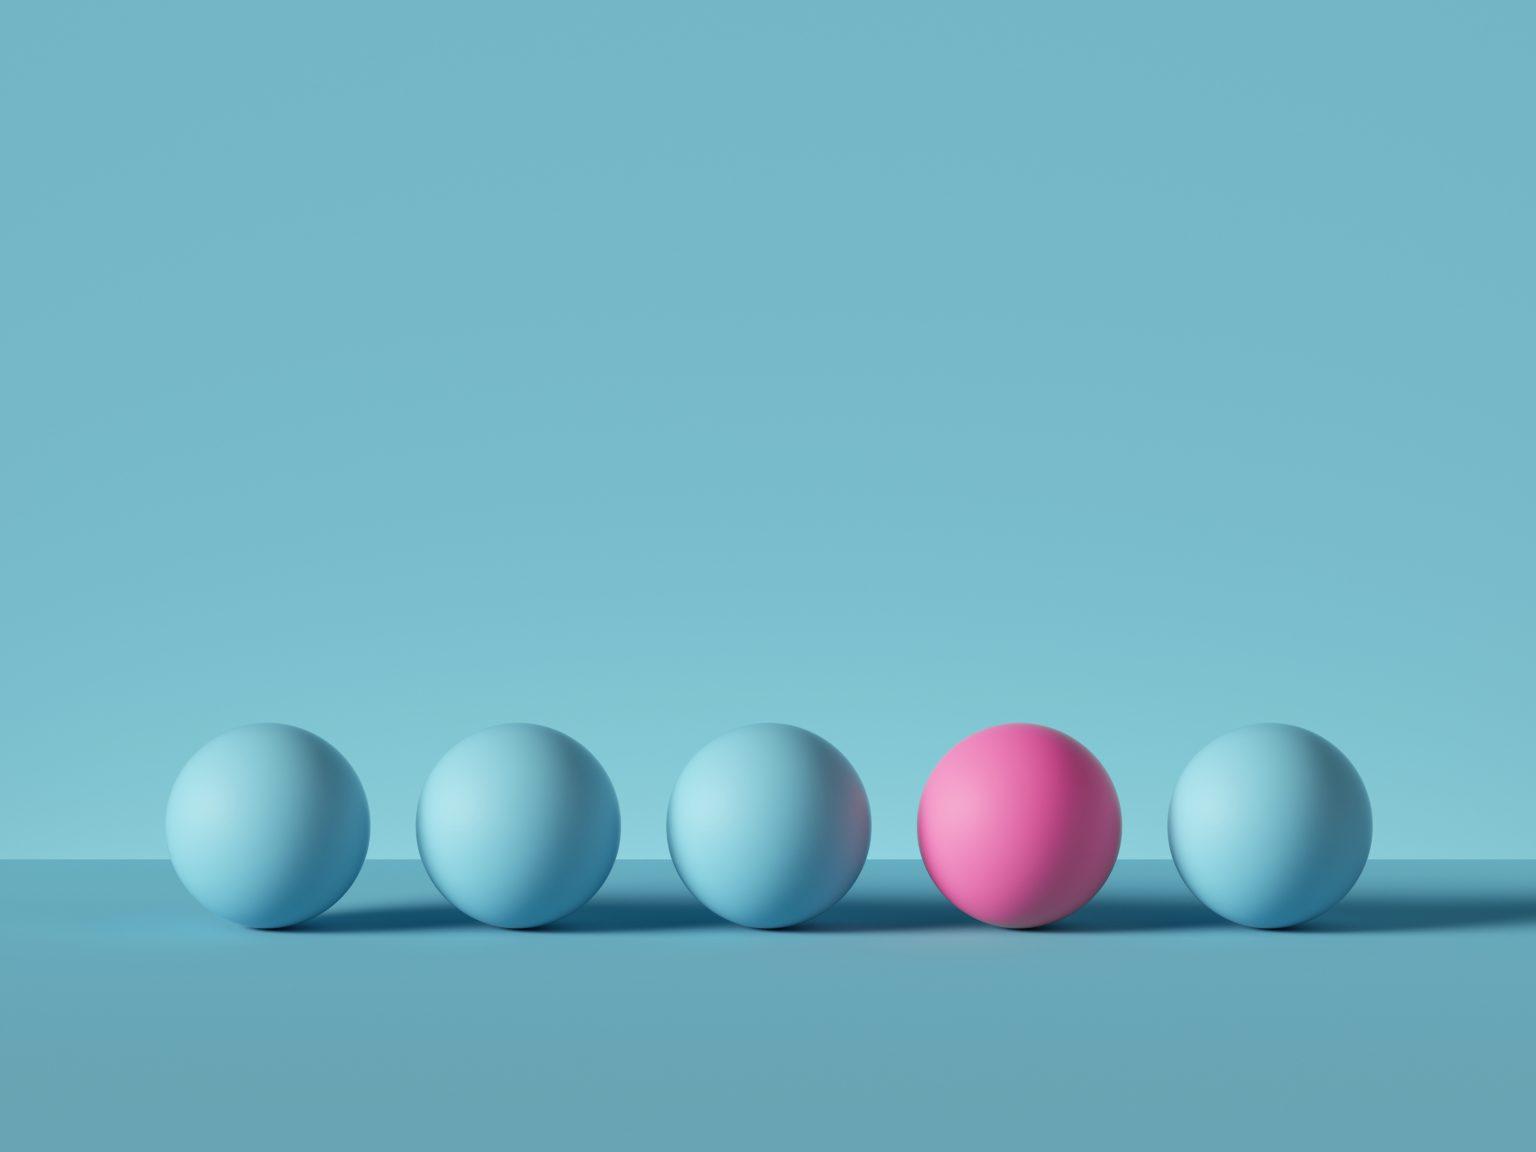 Image de cinq sphères 3D consécutives, la quatrième étant d'une couleur différente du reste.